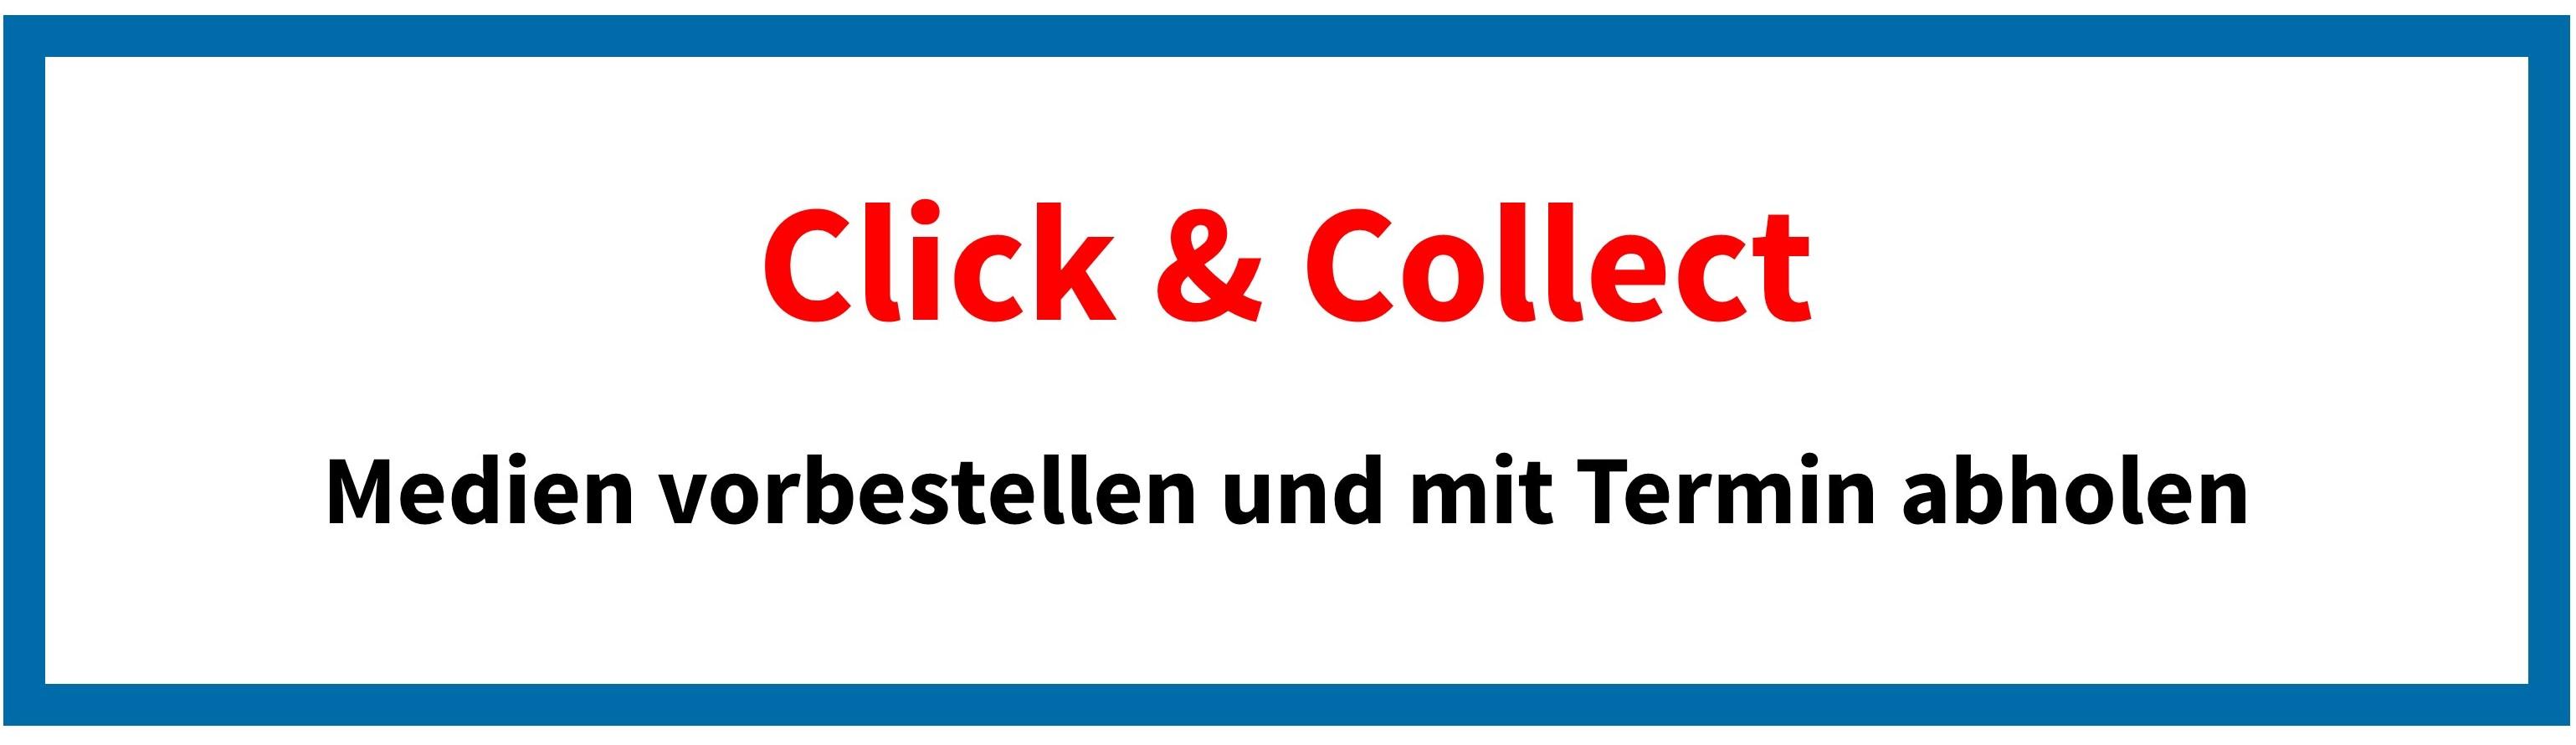 {#click und collect}